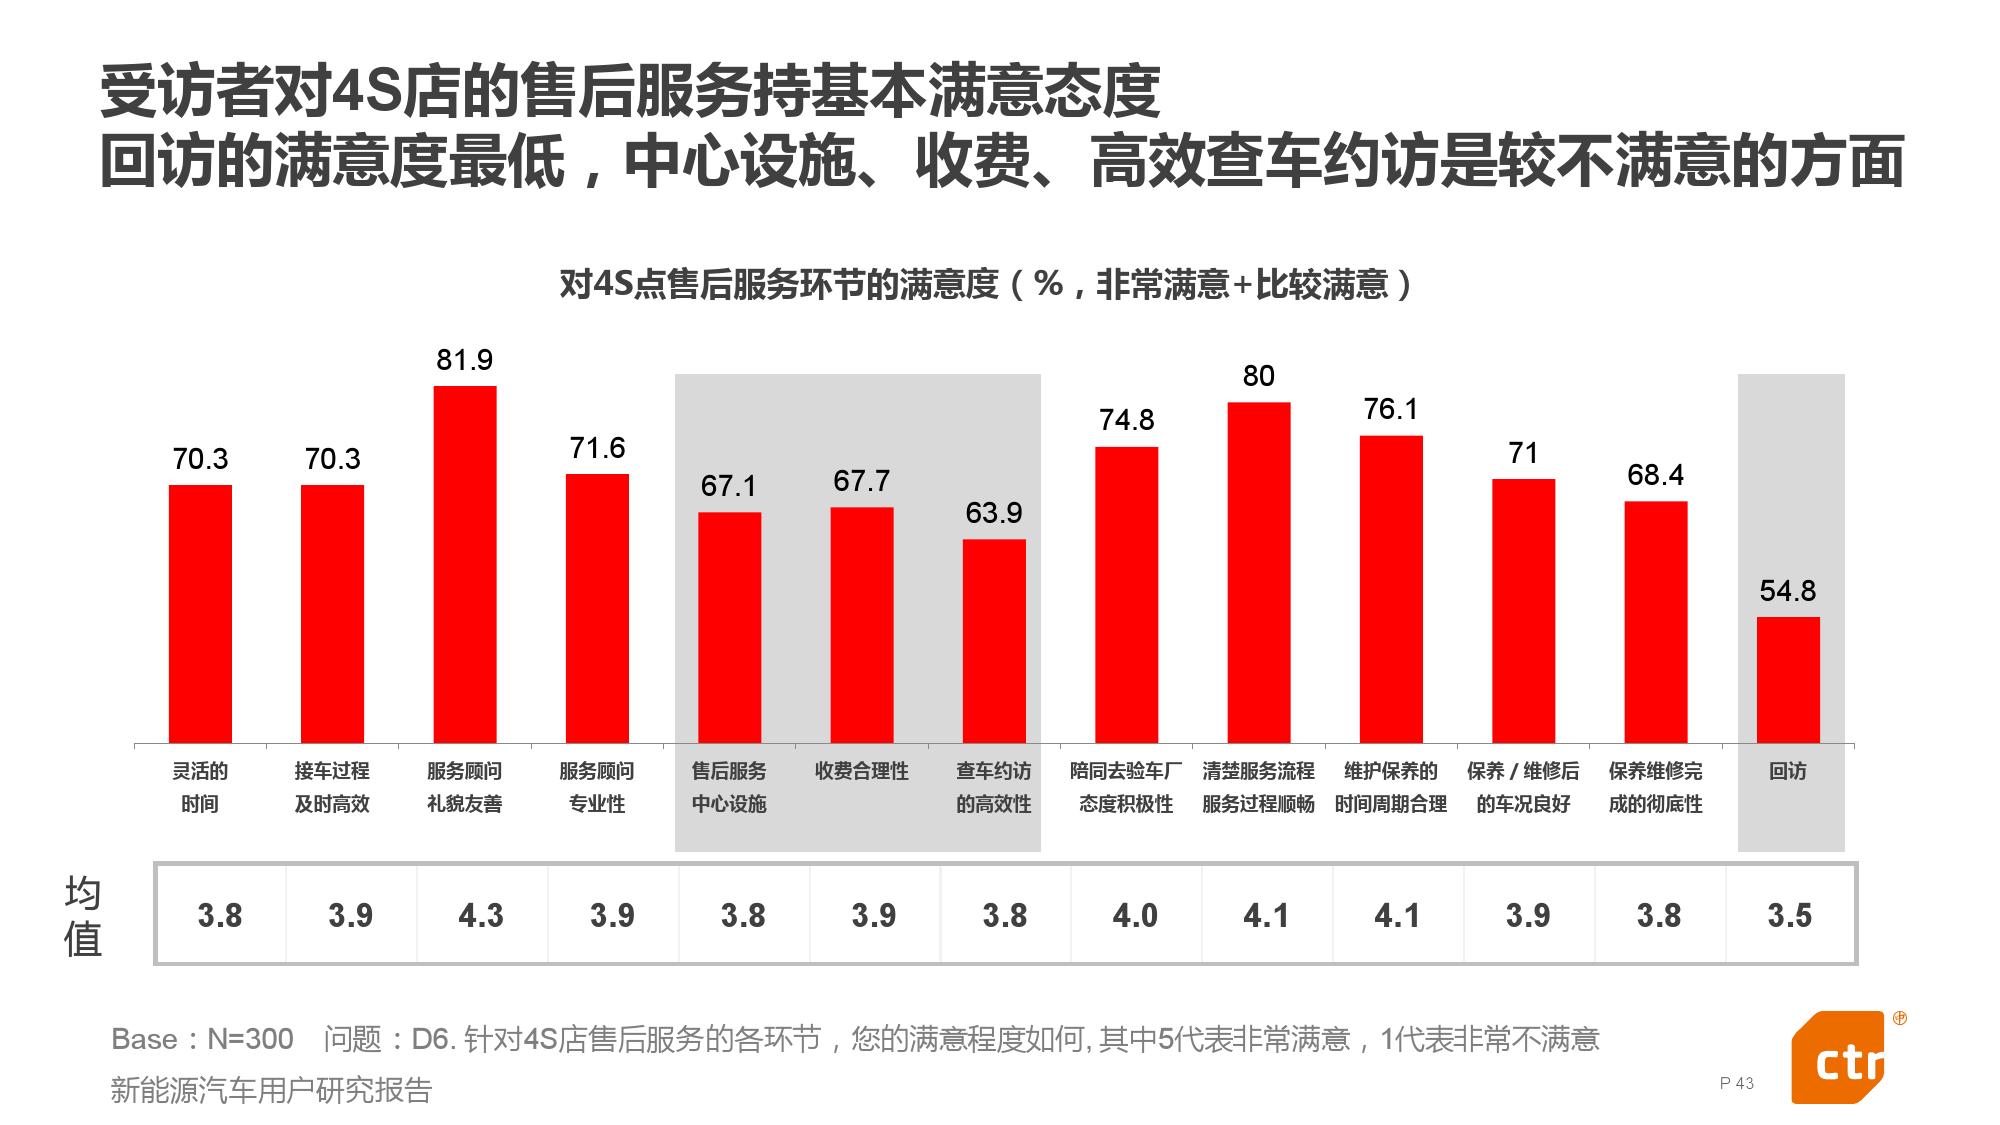 新能源汽车用户研究报告_000043